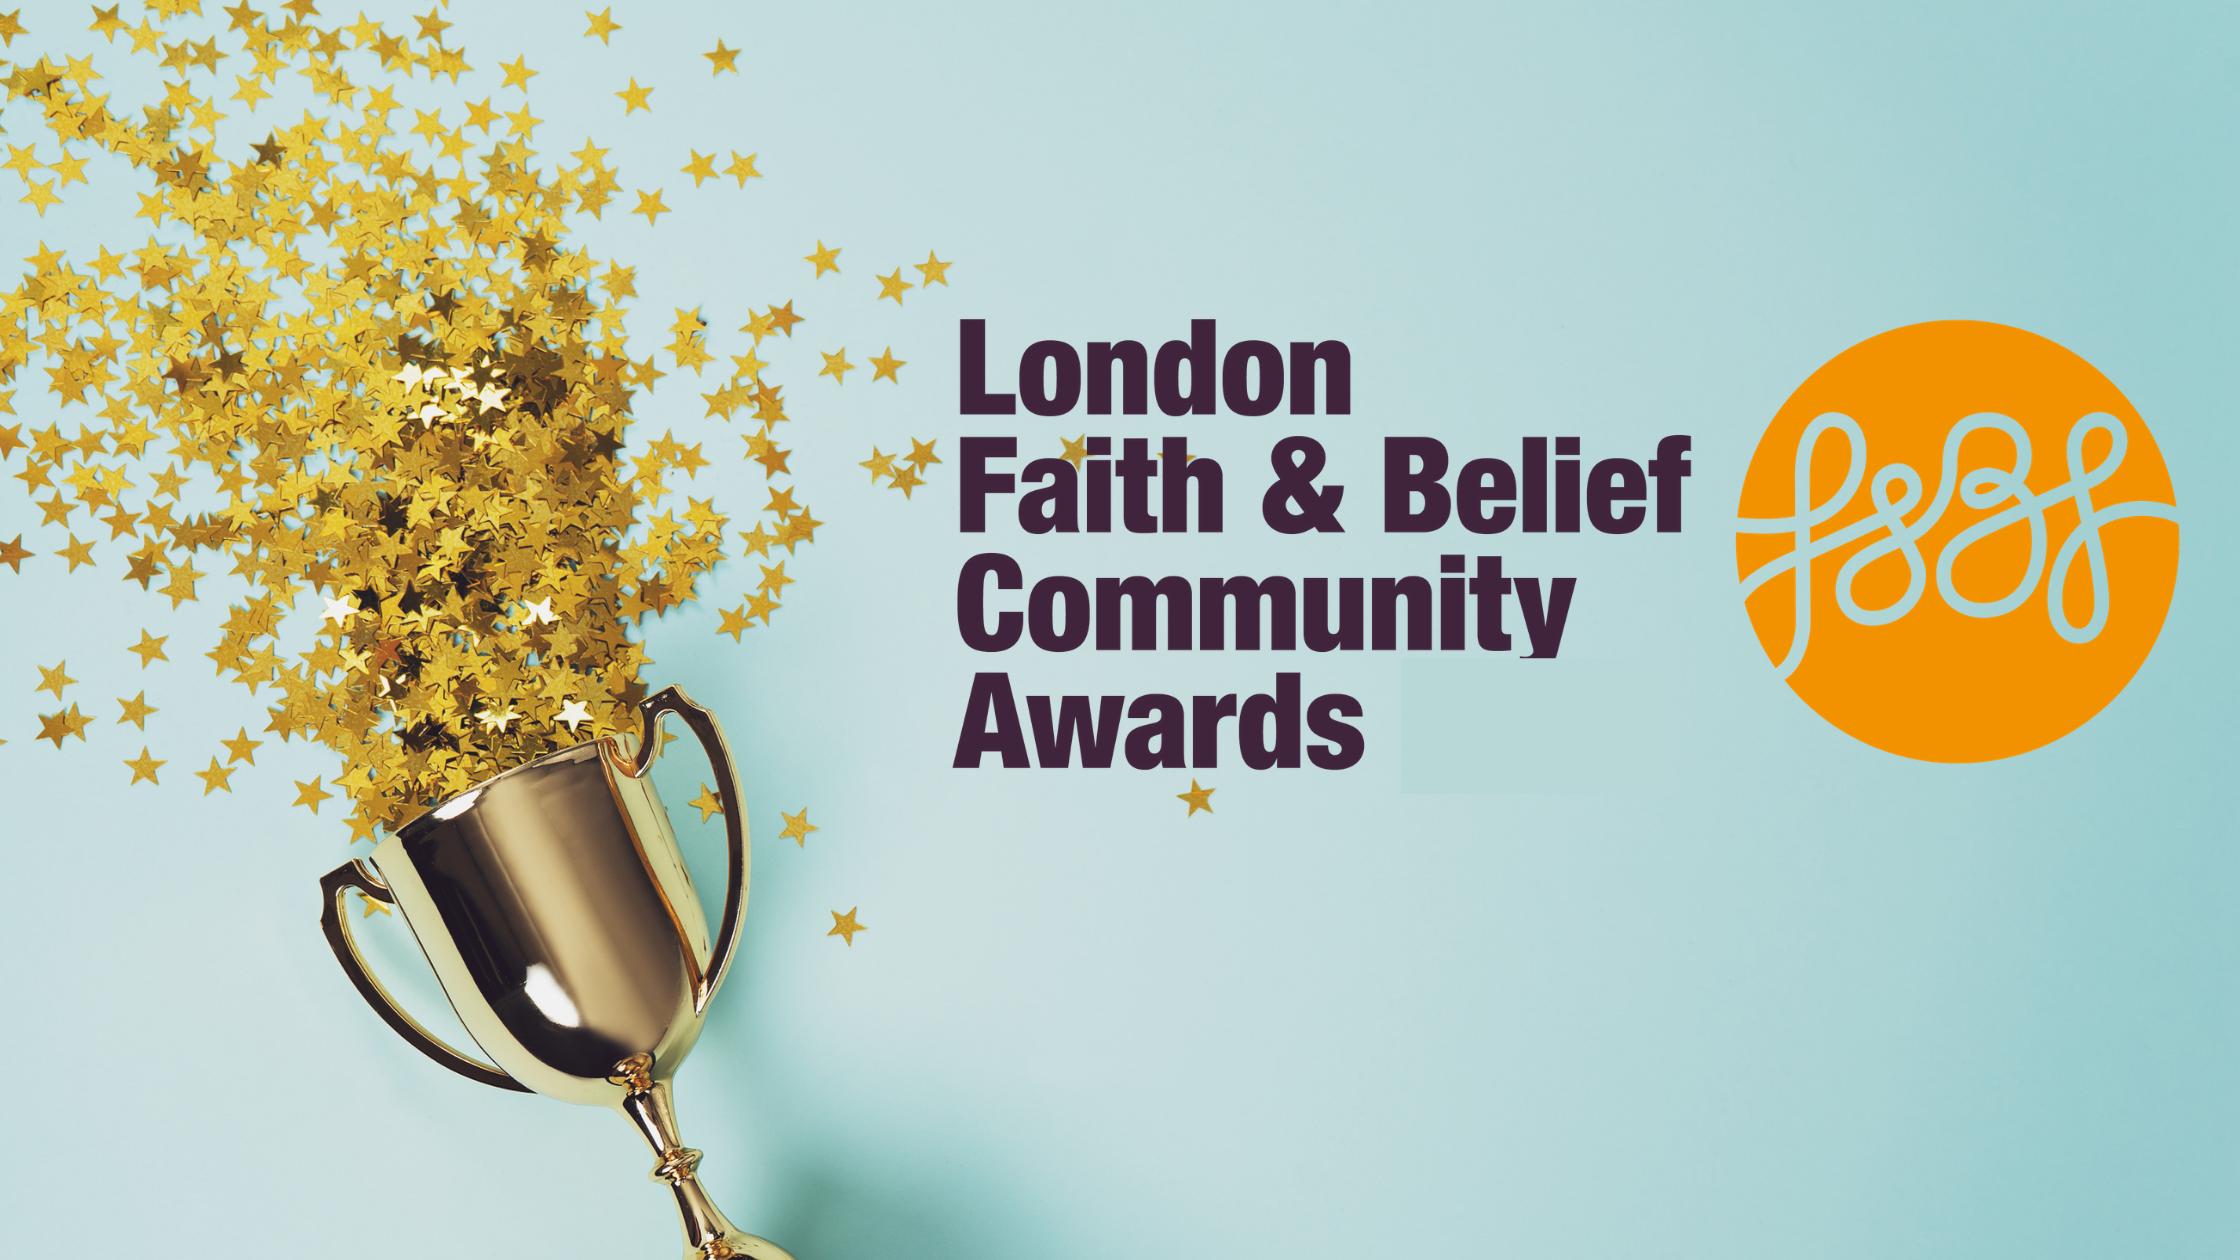 The London Faith & Belief Community Awards